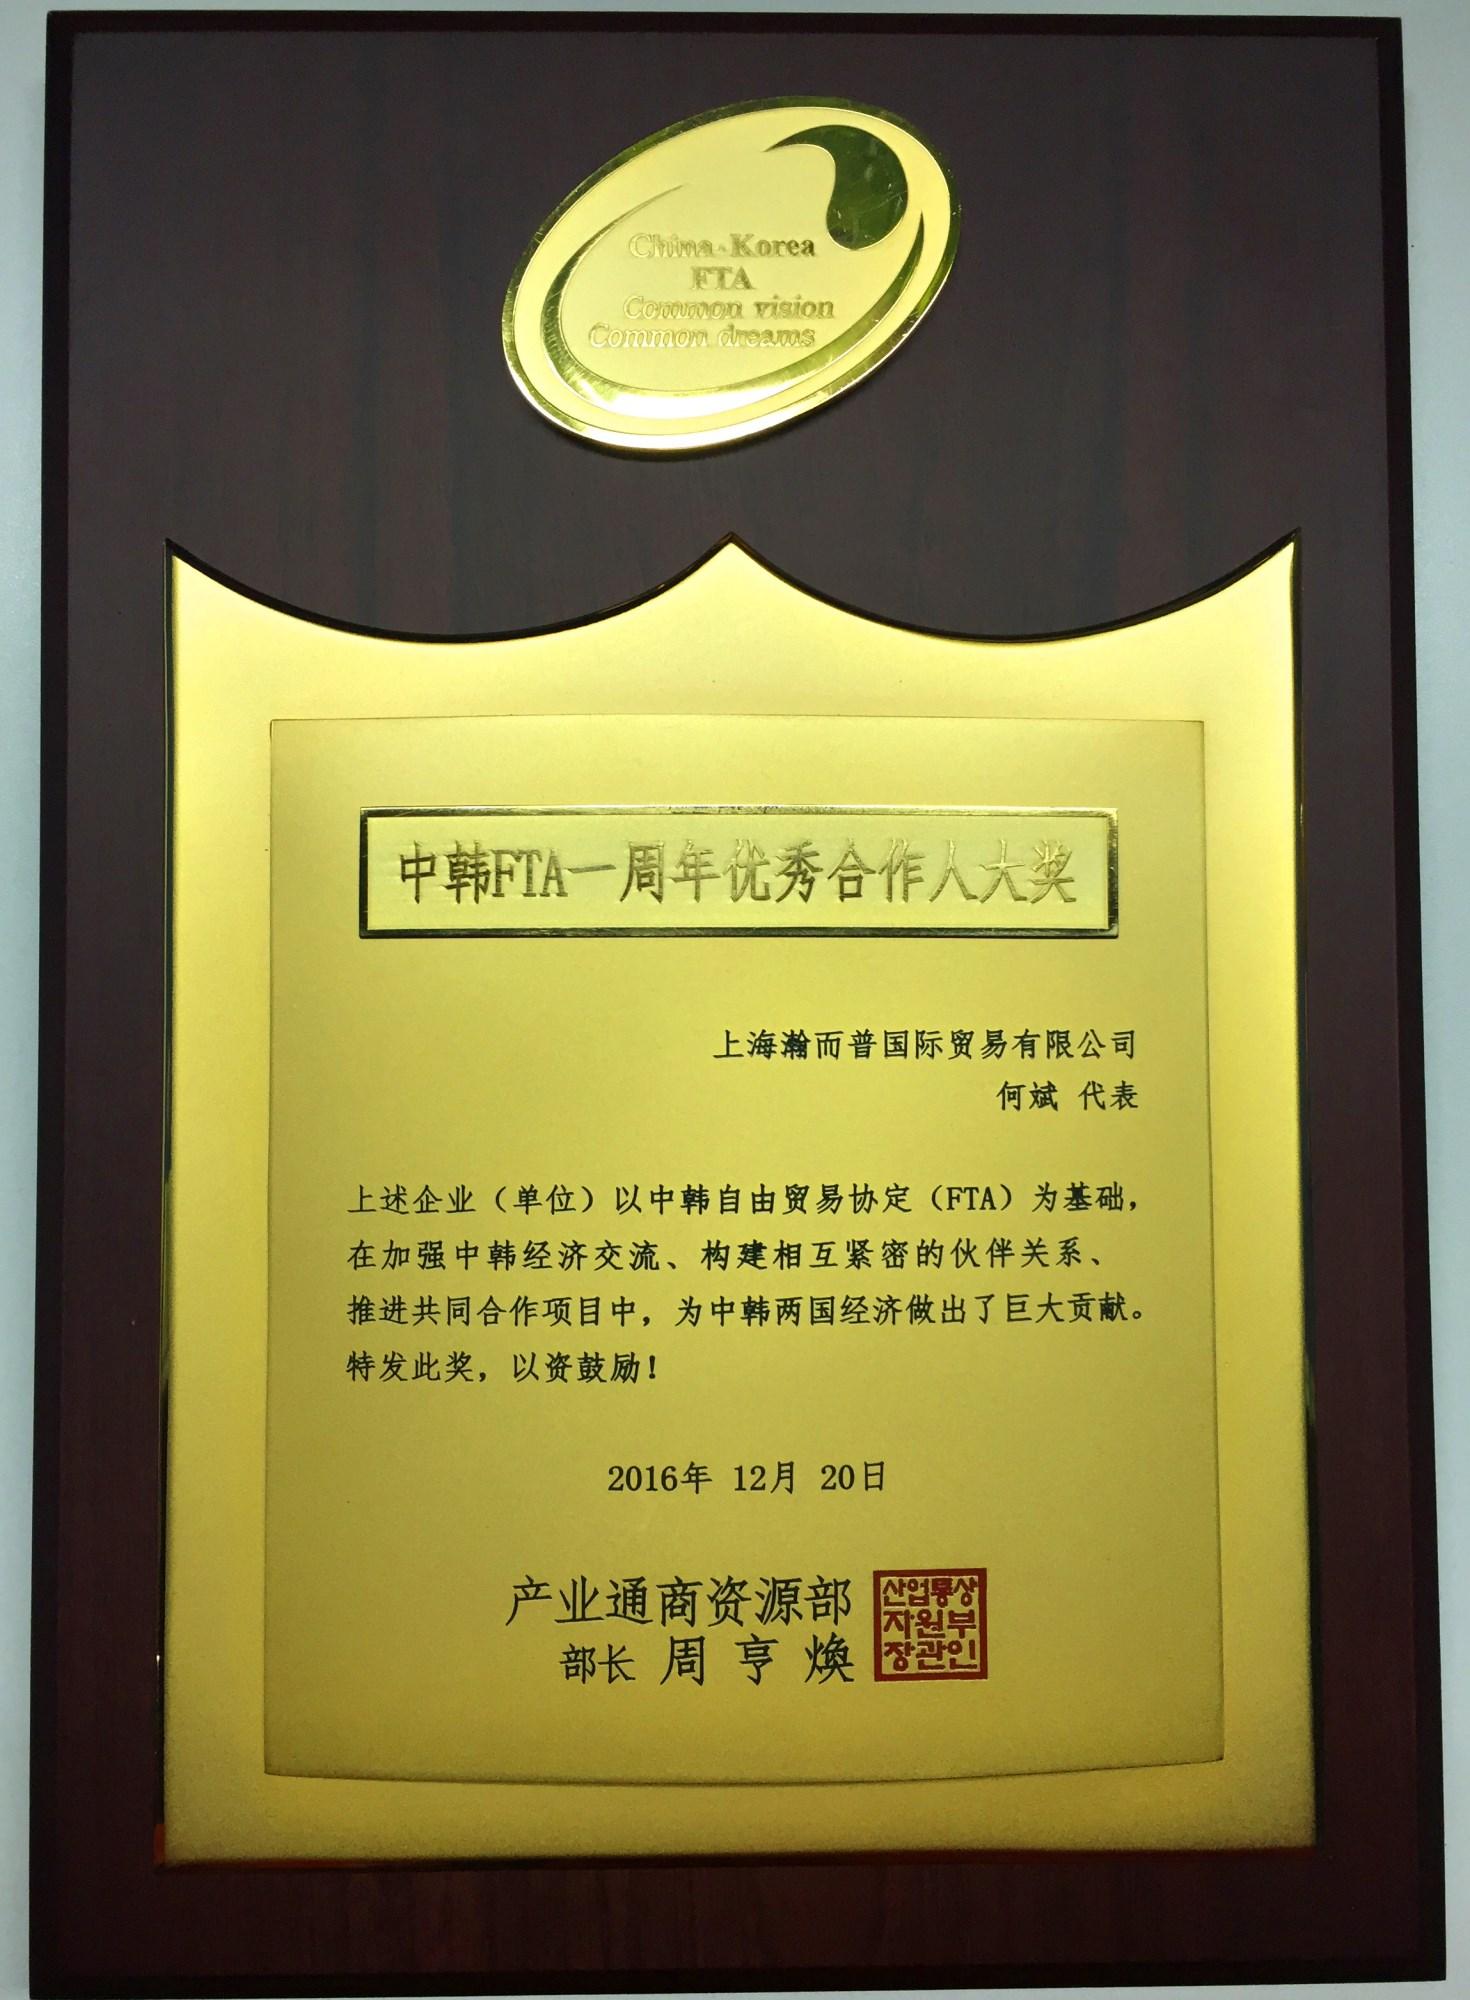 中韩FTA一周年优秀合作人大奖